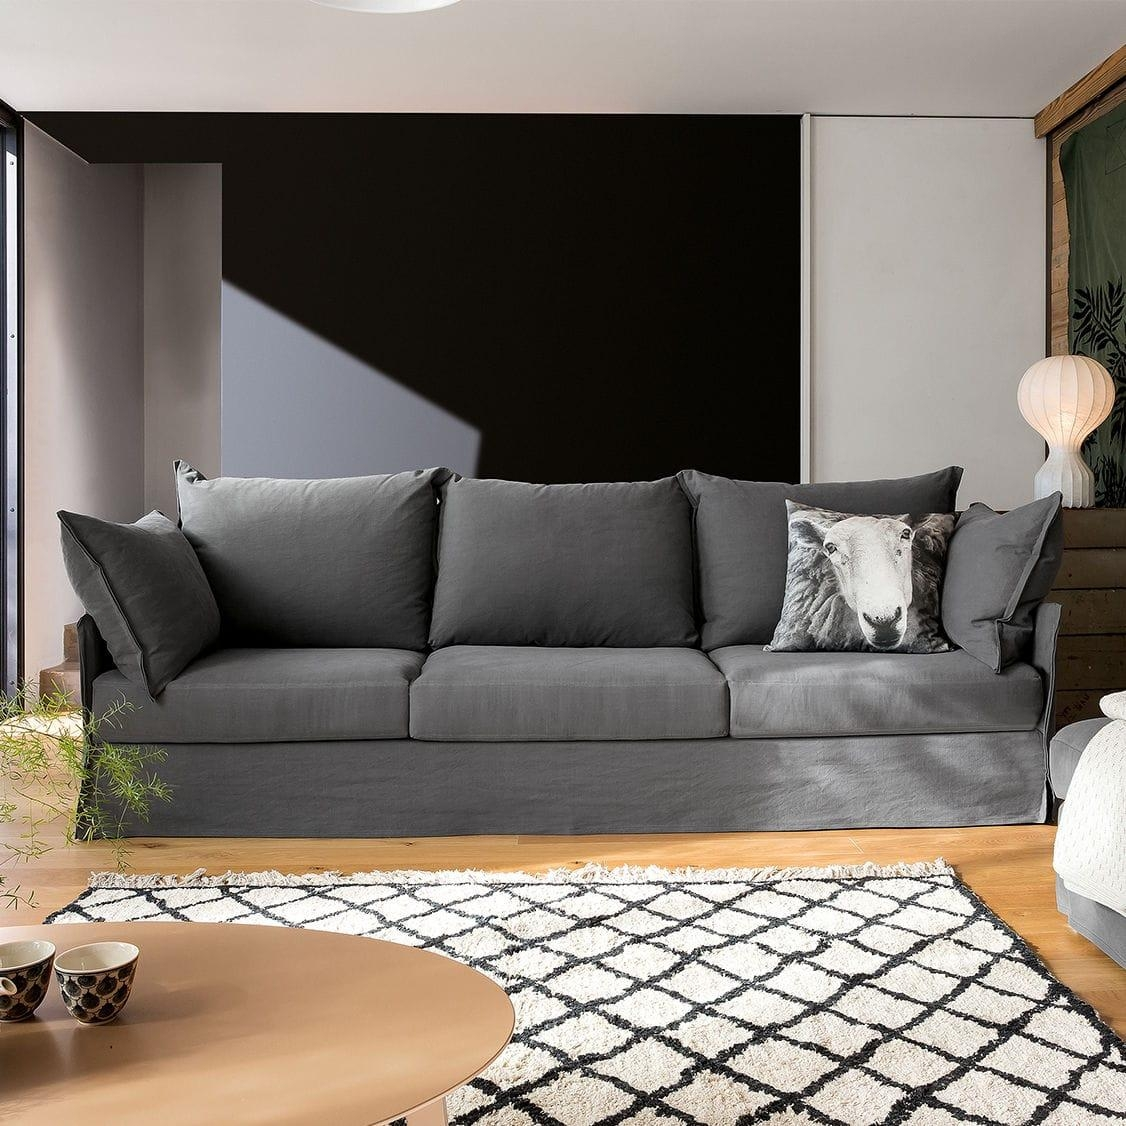 sectional sofas with removable slipcovers fabrica de sofa e colchoes em porangaba 20 photos covers ideas